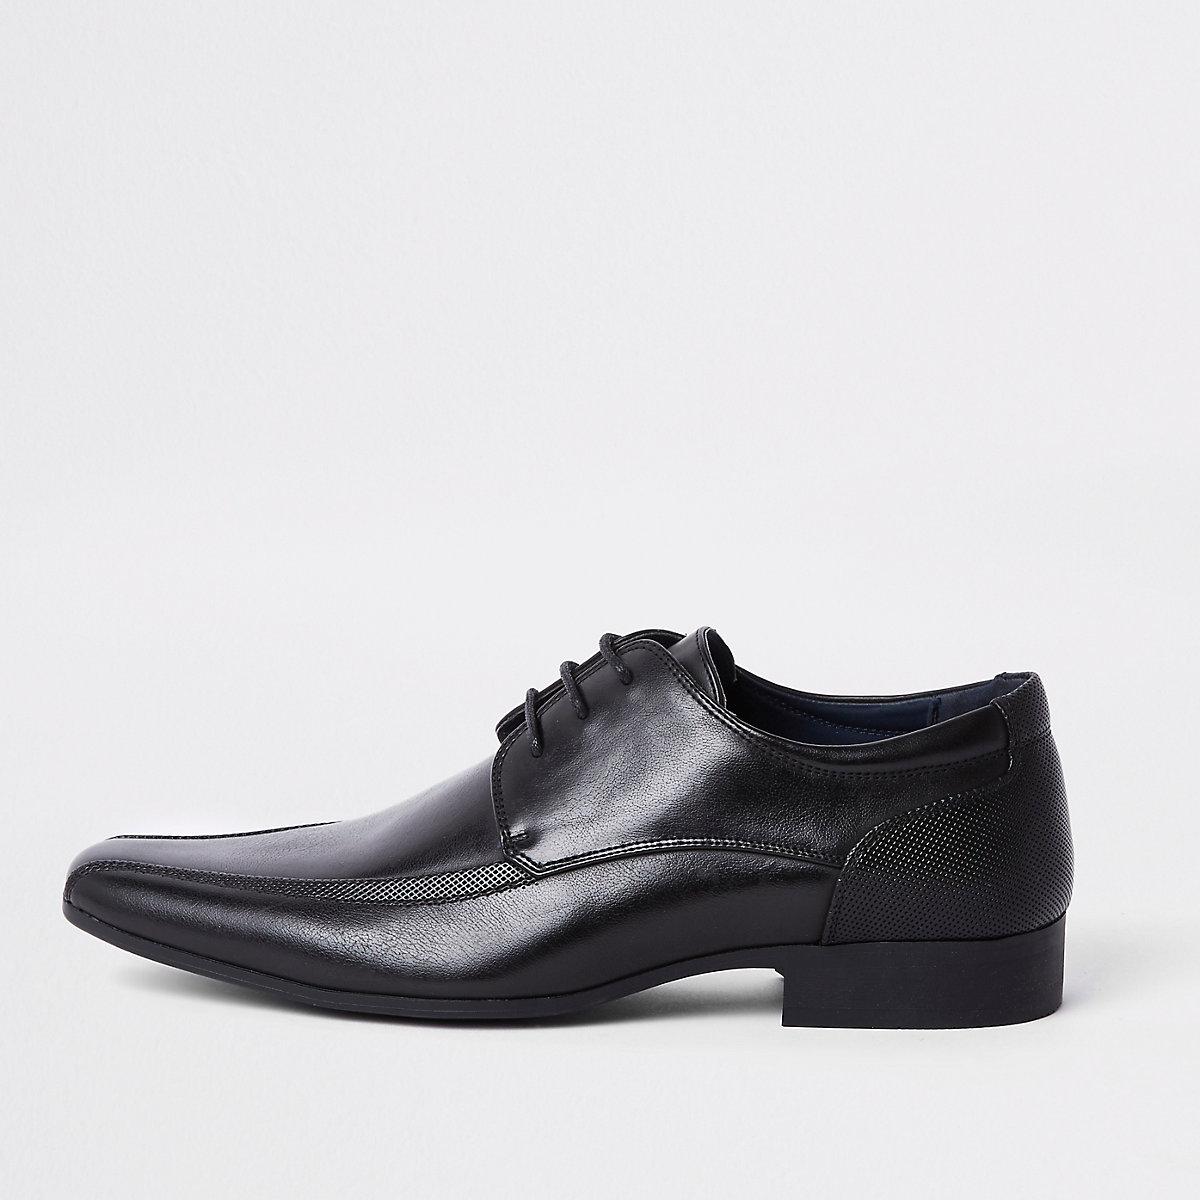 Schwarze, spitze Schnürschuhe